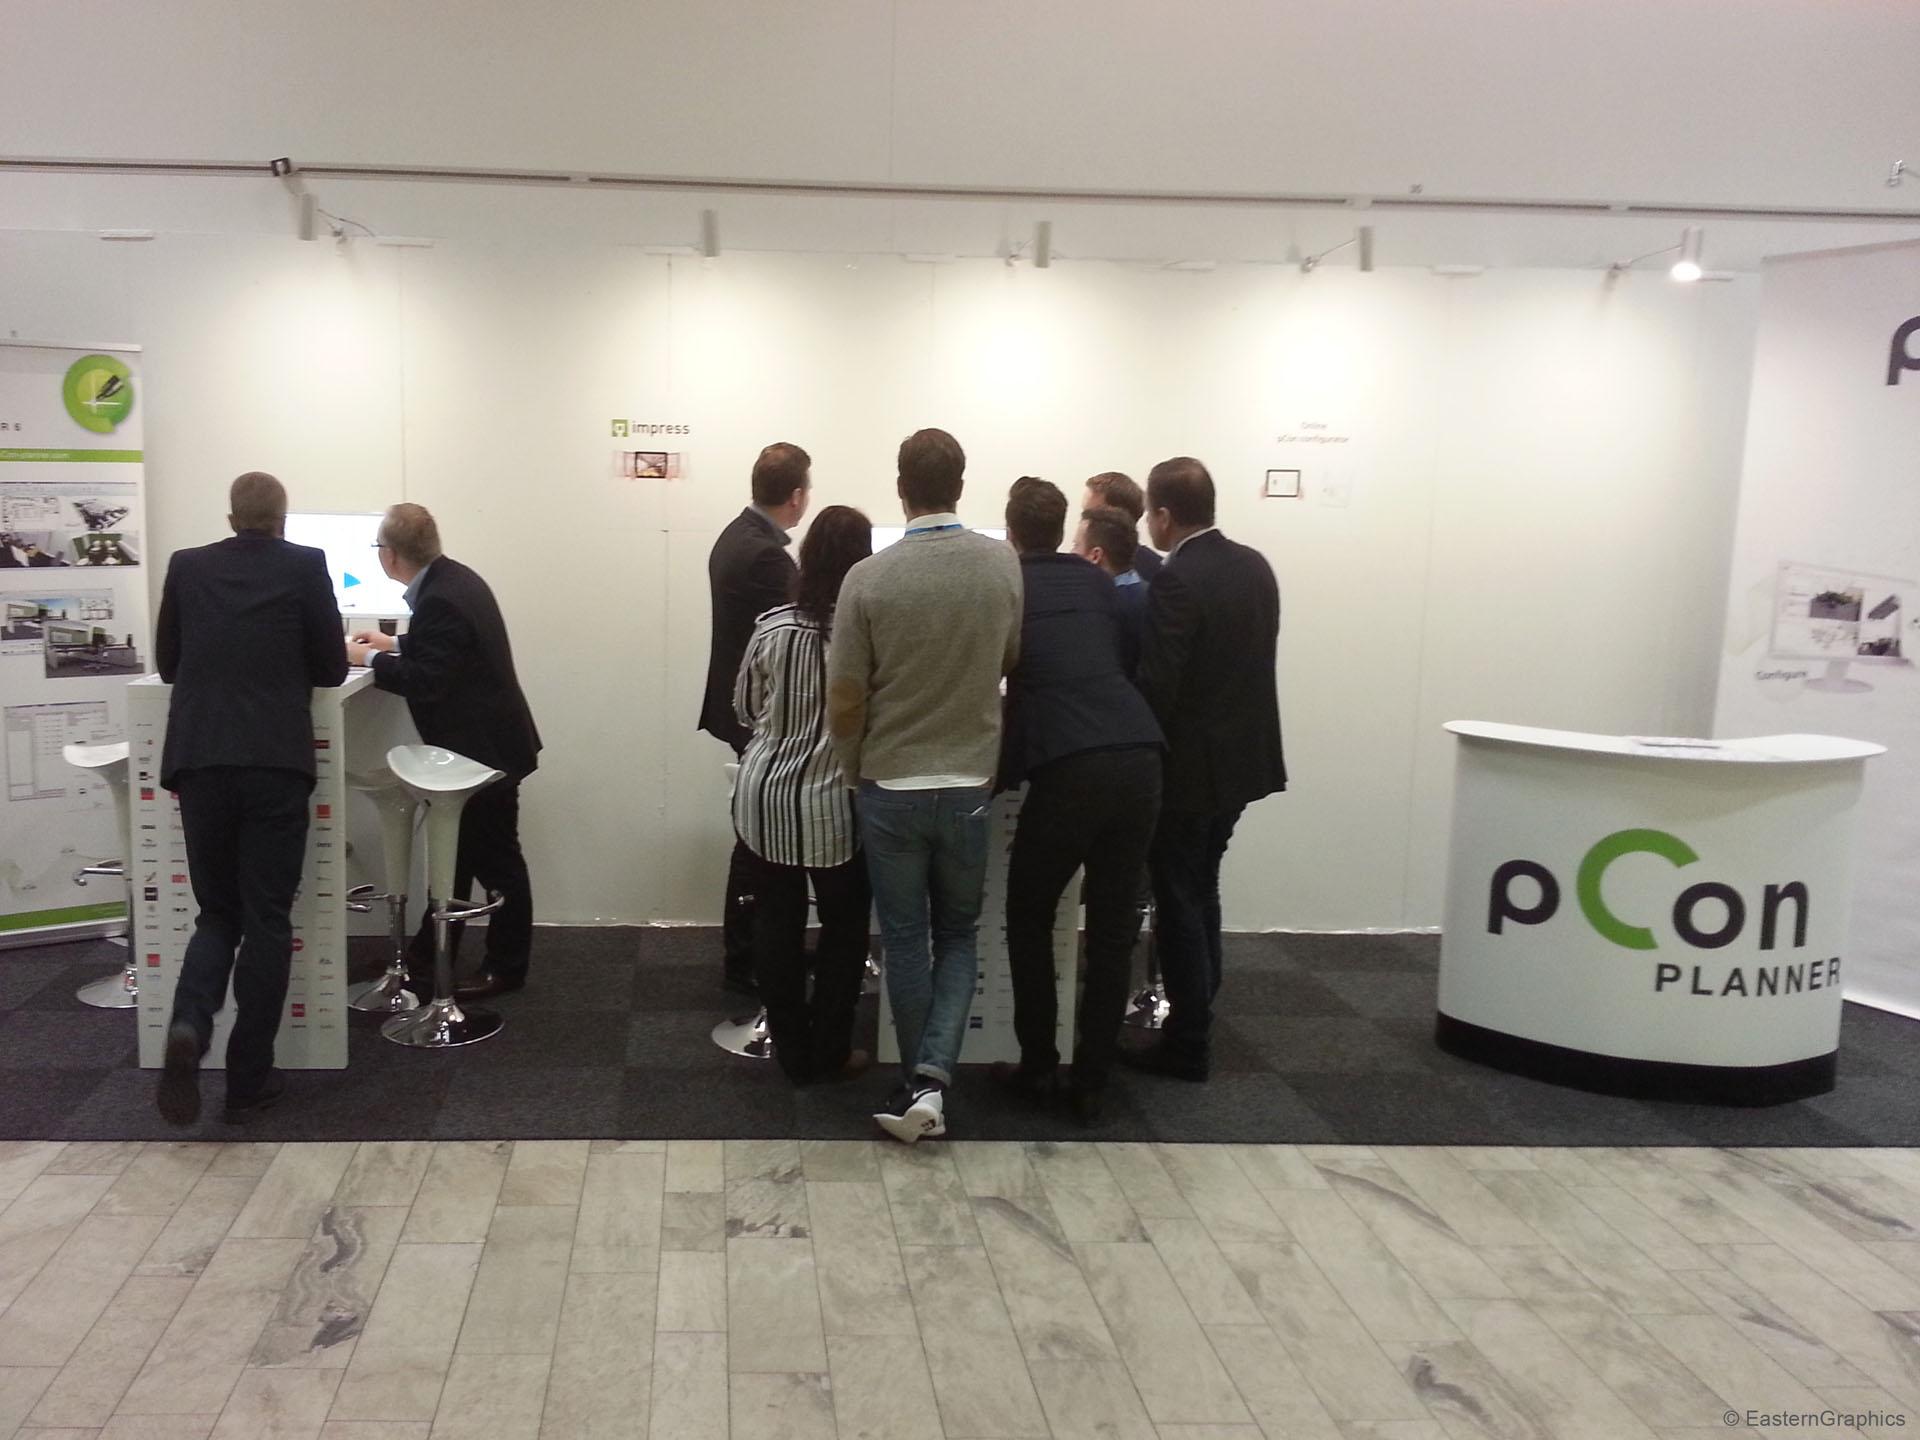 pCon-Stand auf der Furniture & Light Fair 2015 - Die Lösungen für Konfiguration und Raumplanung kamen gut an.